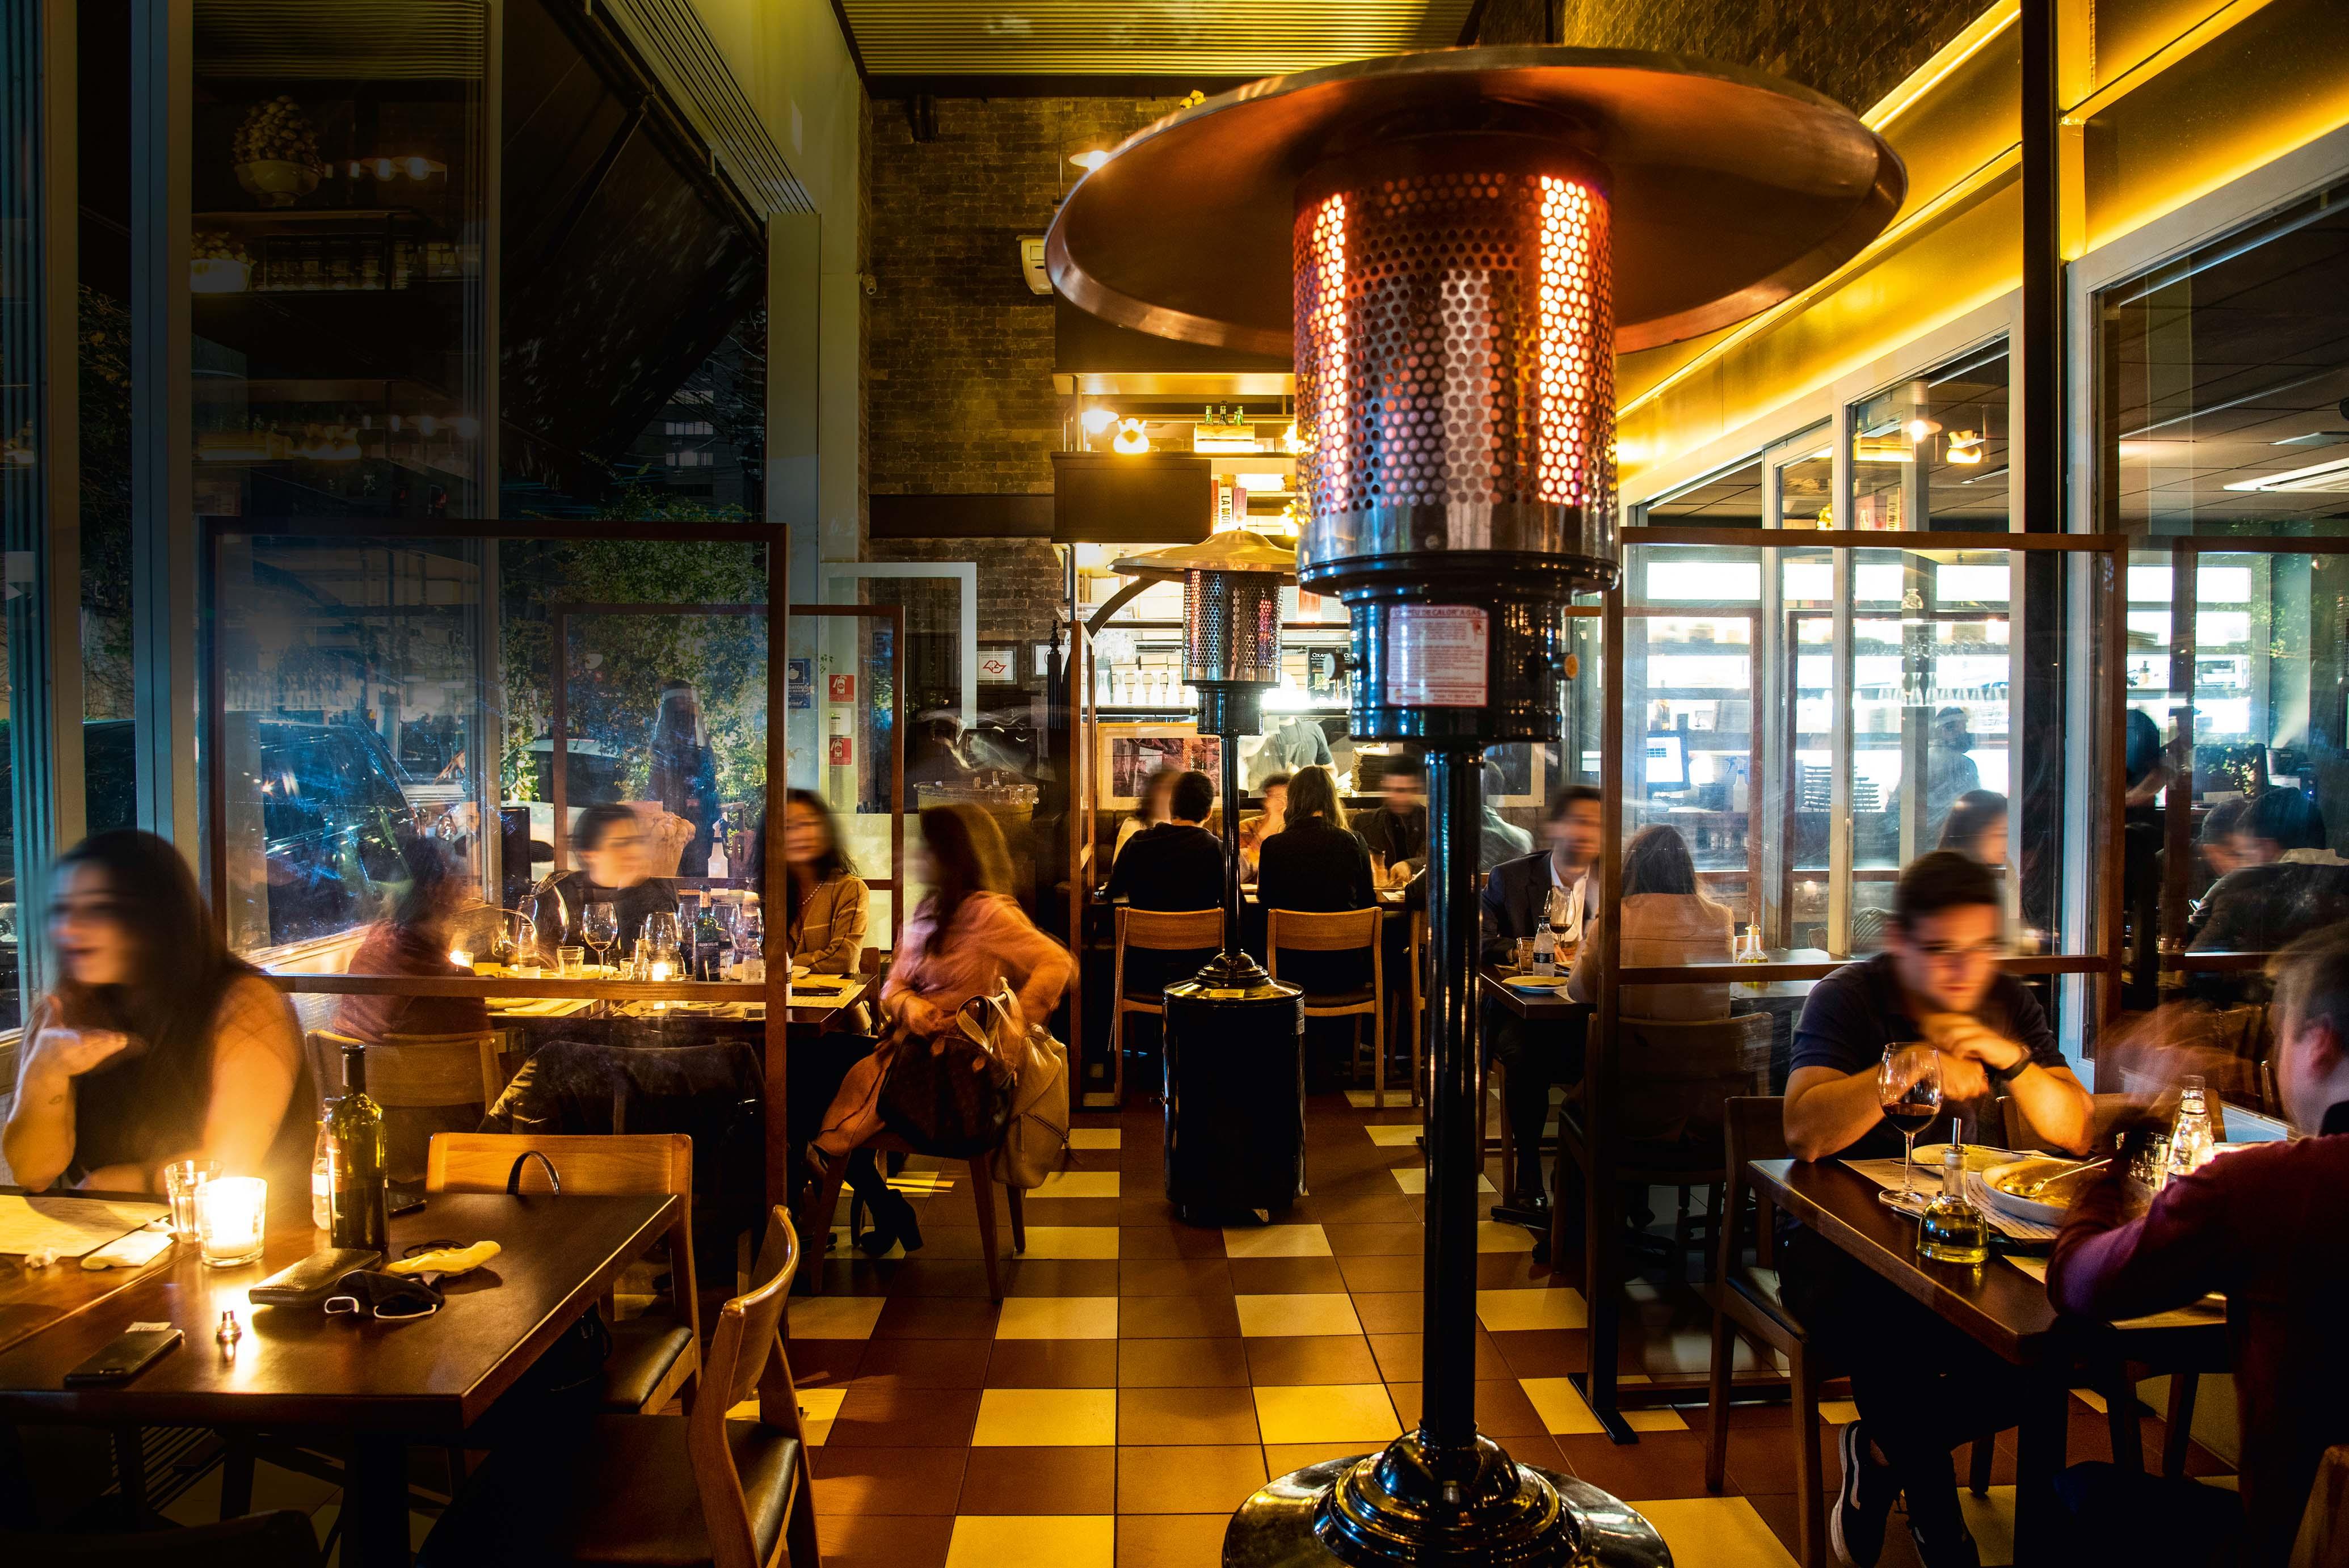 Flexibilização: os novos desafios de bares e restaurantes | VEJA SÃO PAULO